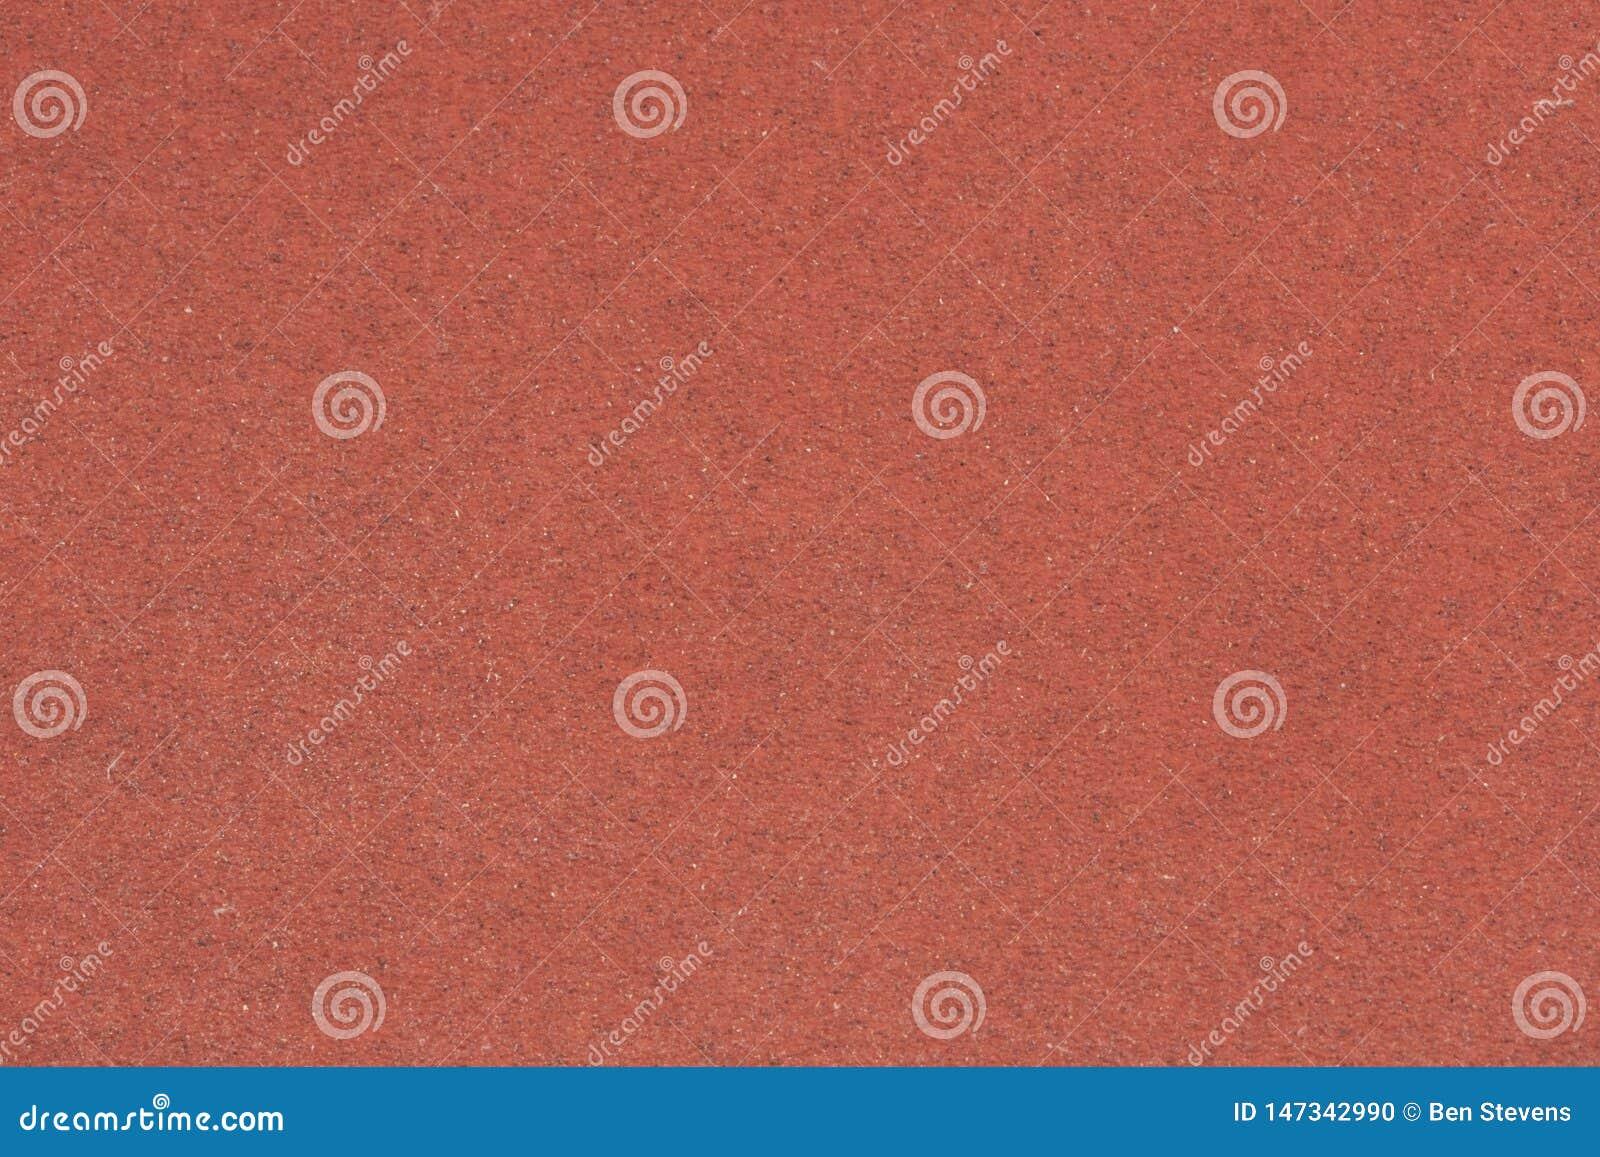 Macrobeeld van schuurpapiertexturen